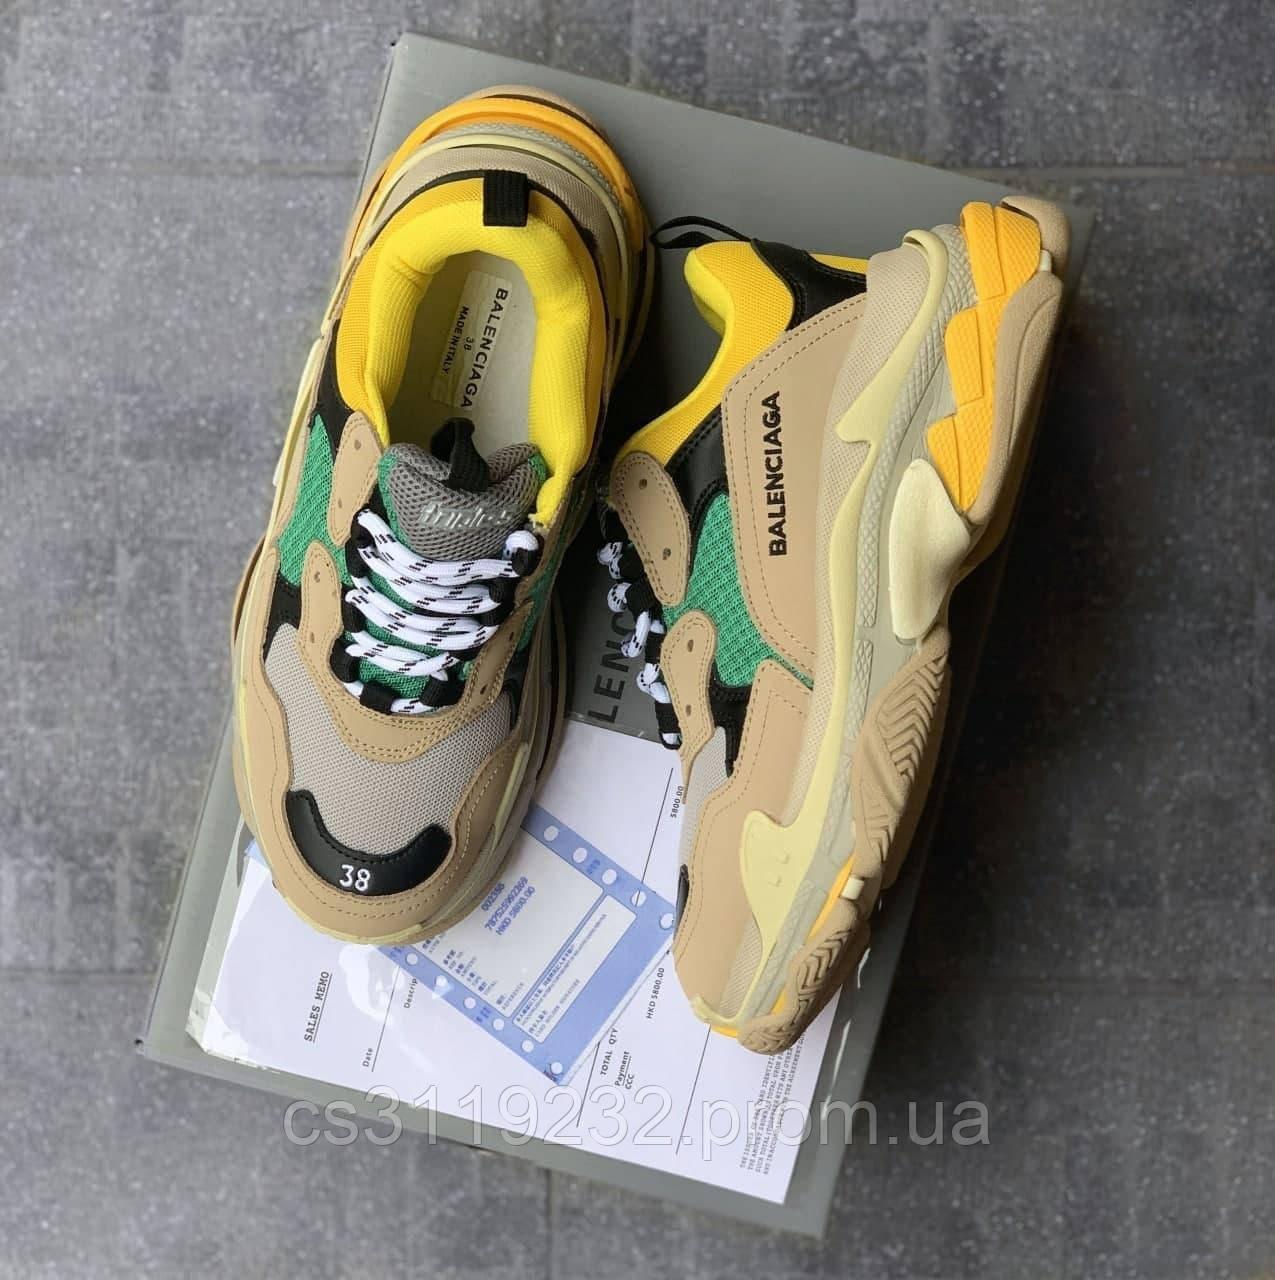 Жіночі кросівки Balenciaga Triple S Yellow/Green Beige (жовтий/зелений/беж)